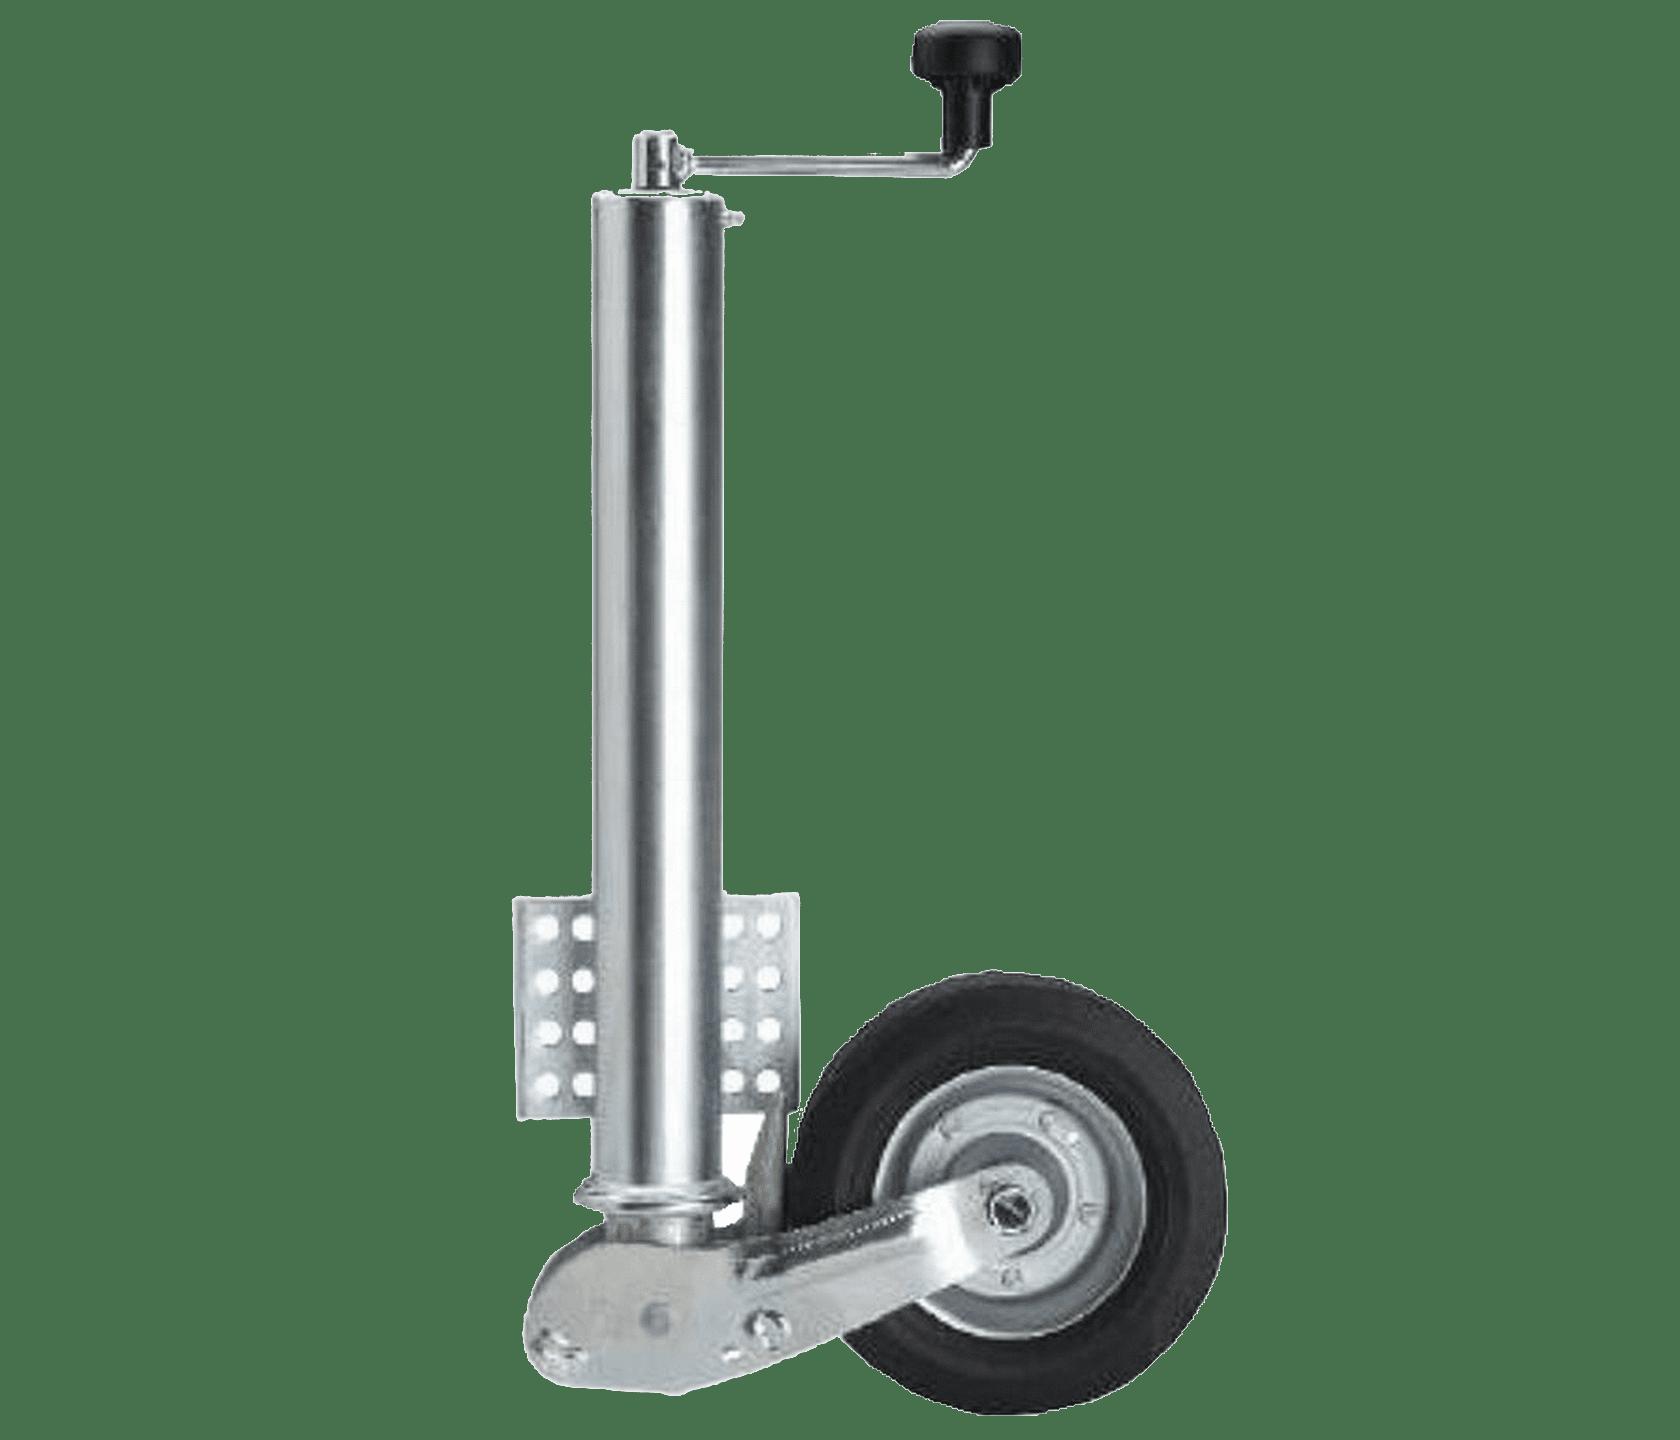 Automatik Stützrad mit Befestigungsflansch bis 3500 kg